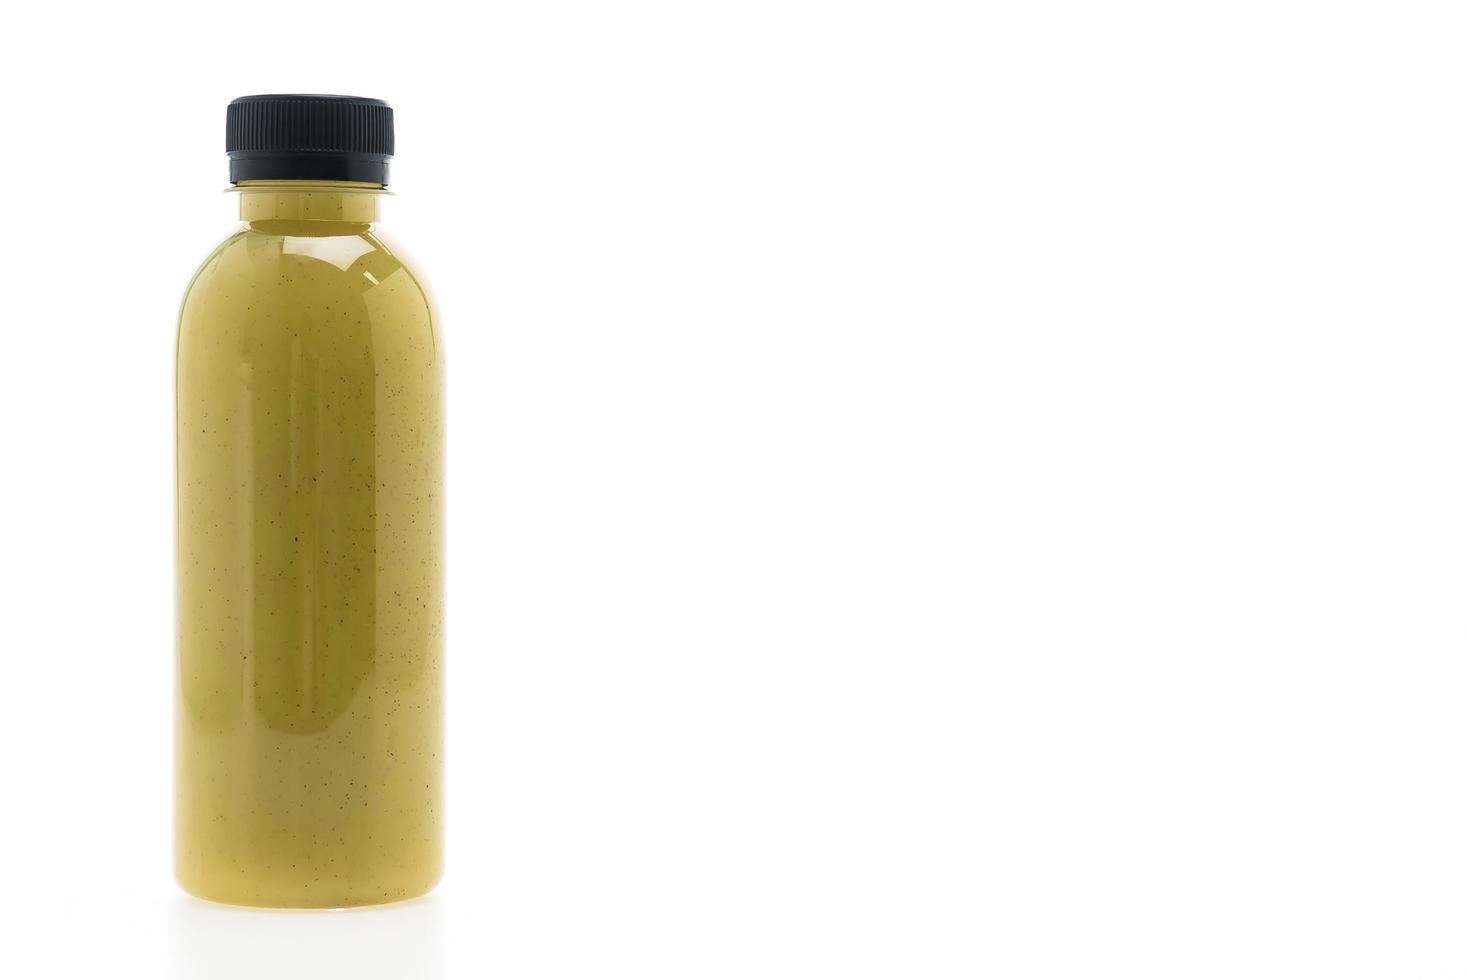 de fles van het kiwisap op witte achtergrond wordt geïsoleerd die foto